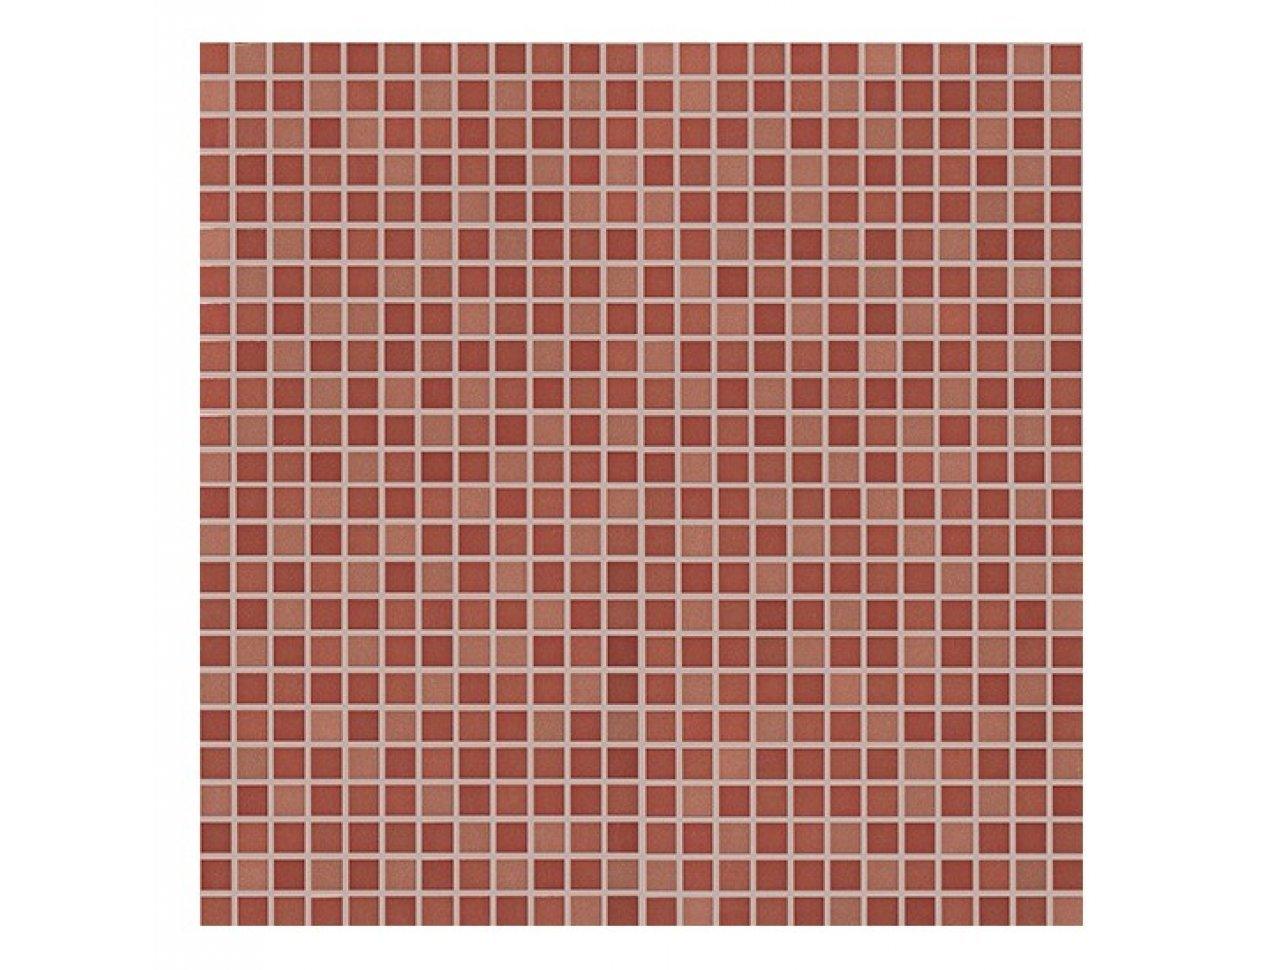 Мозаика FAP Color Now Marsala Micromosaico 30.5 x 30.5 см, Арт. fMTO